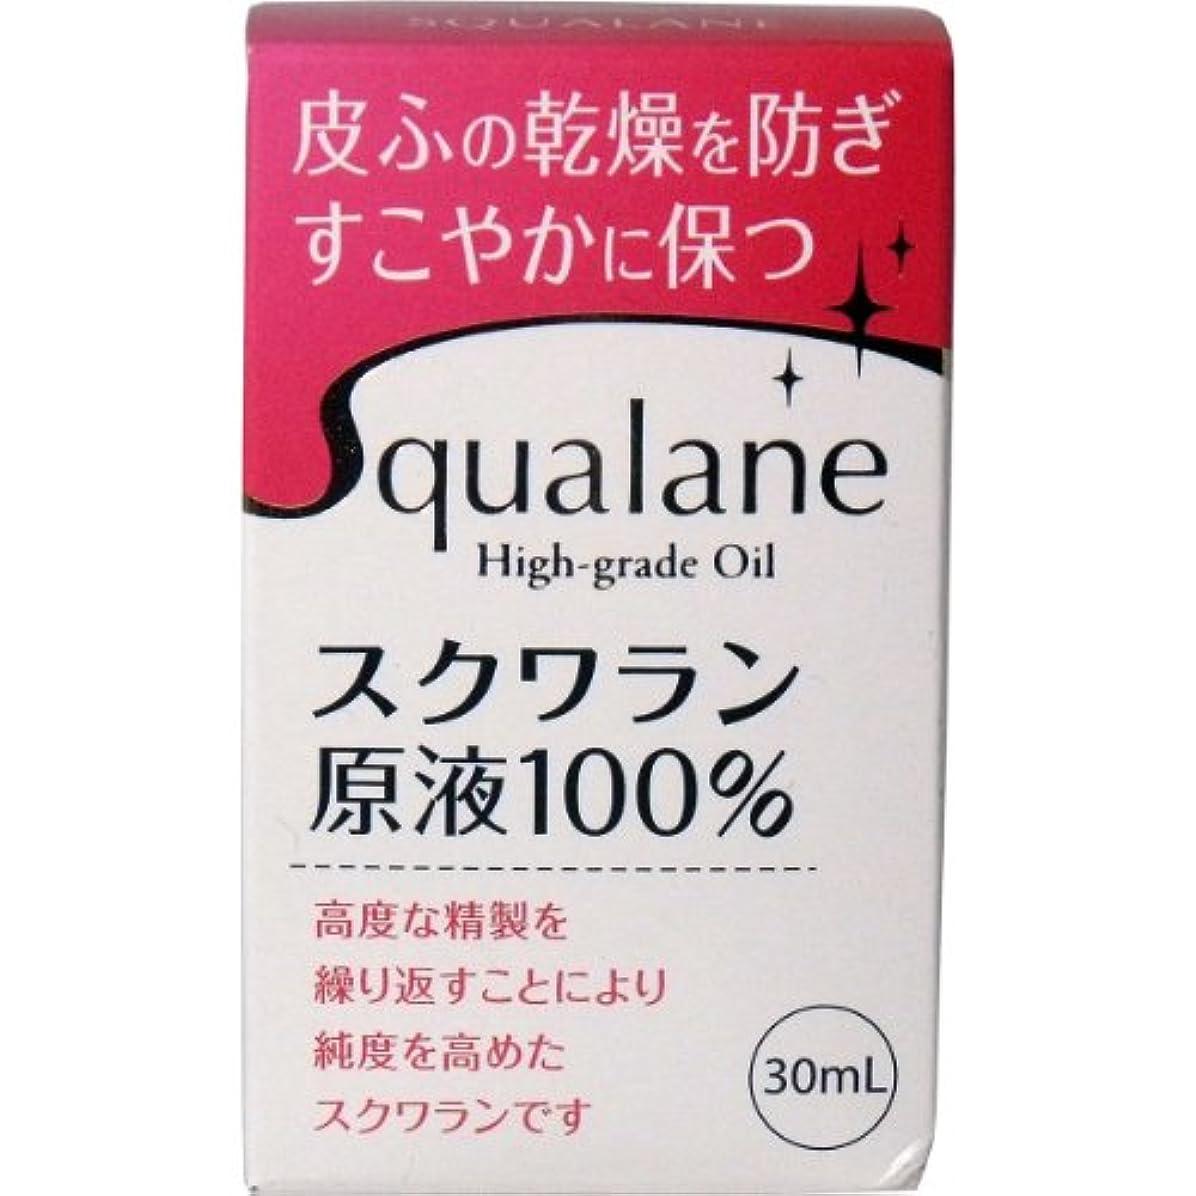 スカープ削除する全能スクワラン原液 100% 30ml